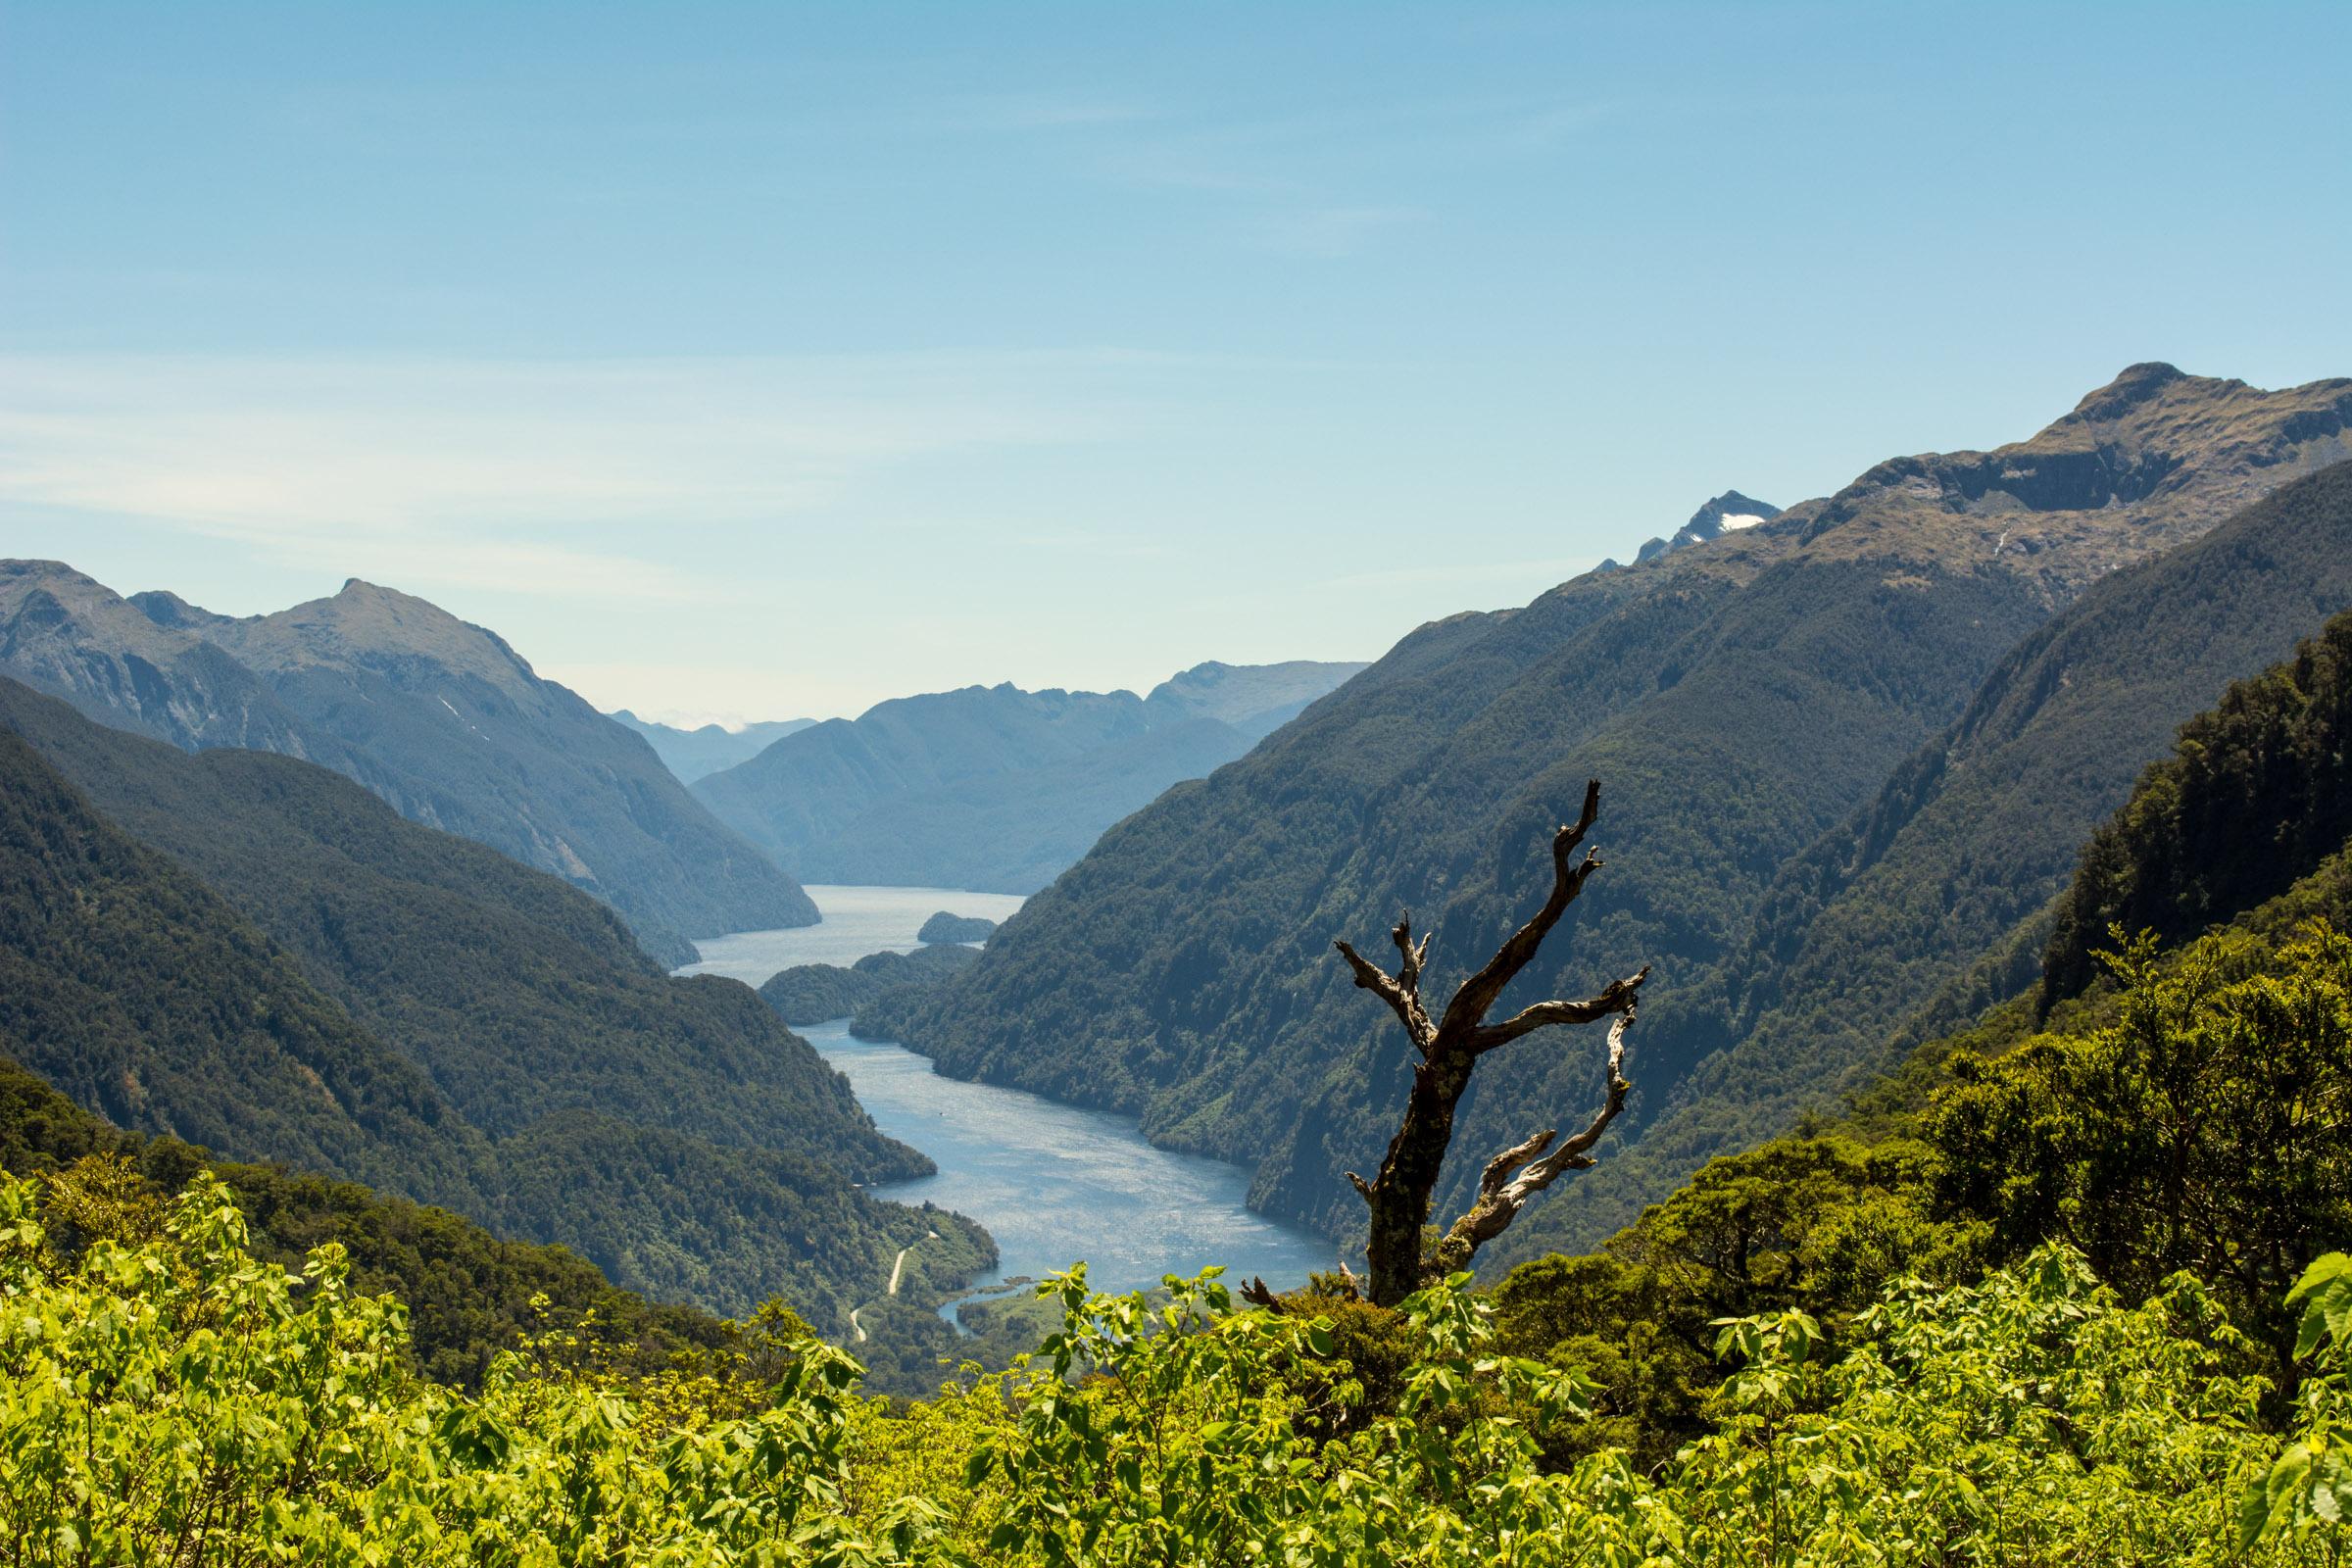 20131123_SouthernLakes_Fiordland-_Timo_002